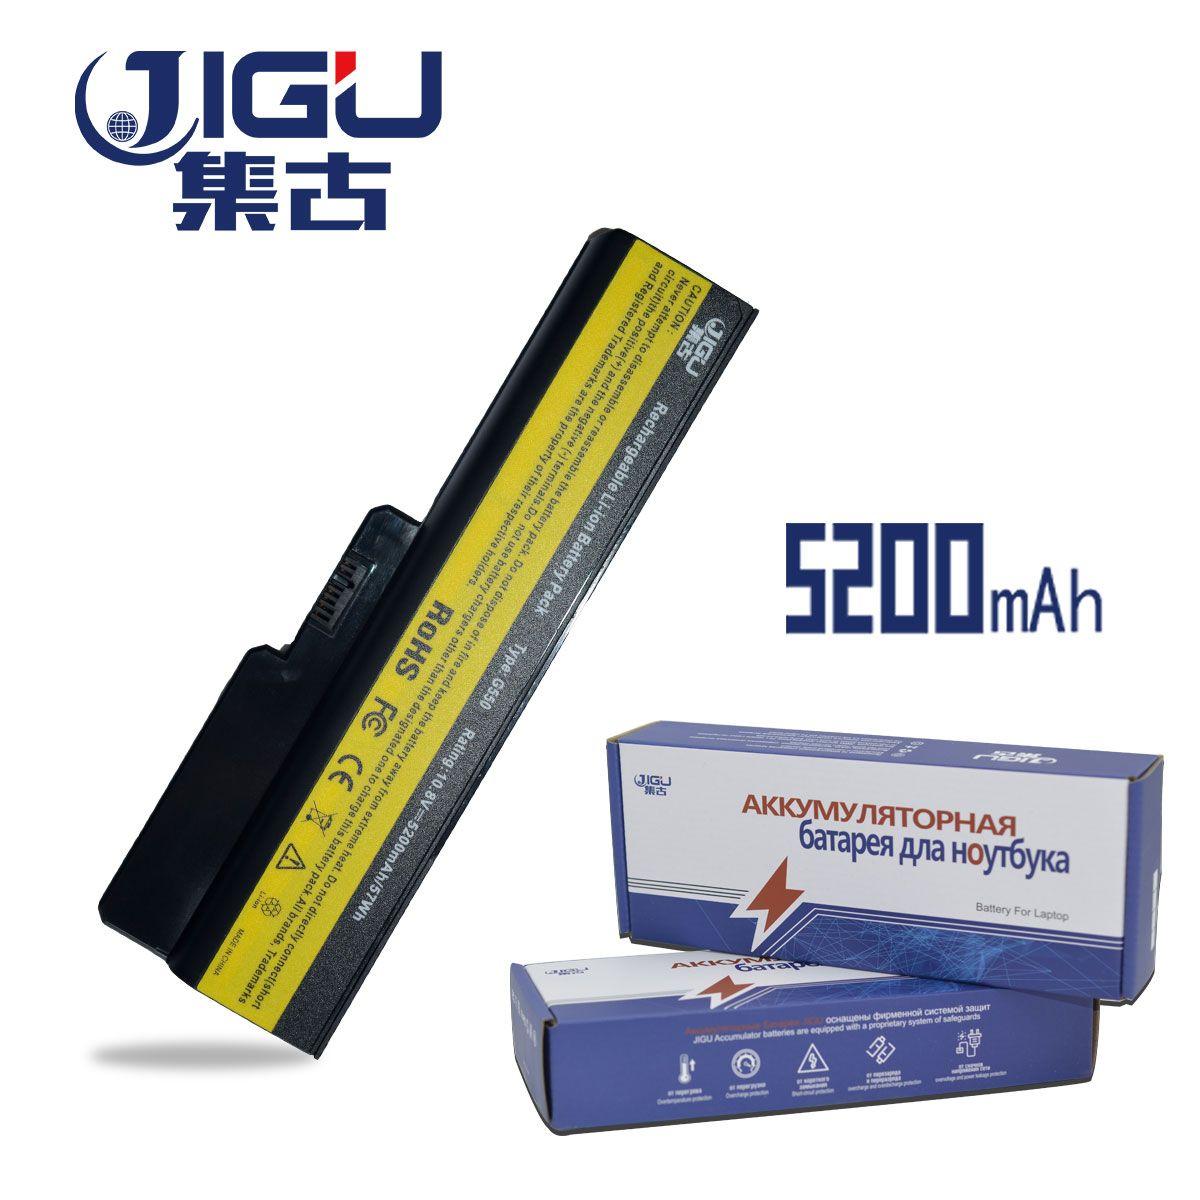 JIGU Laptop Batterie Für IBM Lenovo 3000 G455 Für Lenovo N500 G550 IdeaPad G430 V460 Z360 B460 V460D L08S6Y02 L08S6D02 l08L6Y02